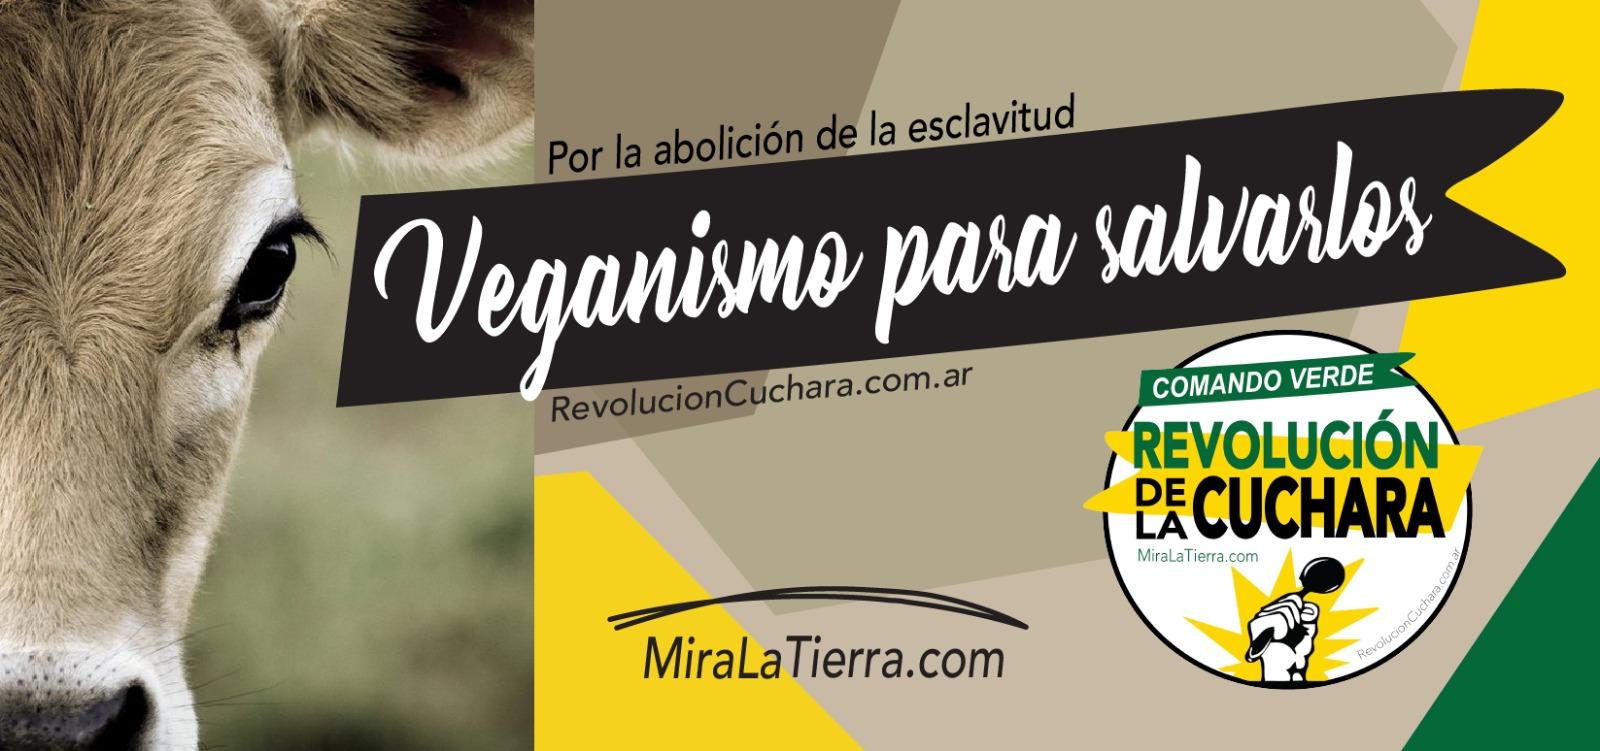 LA REVOLUCIÓN DE LA CUCHARA Argentina | Pág Oficial